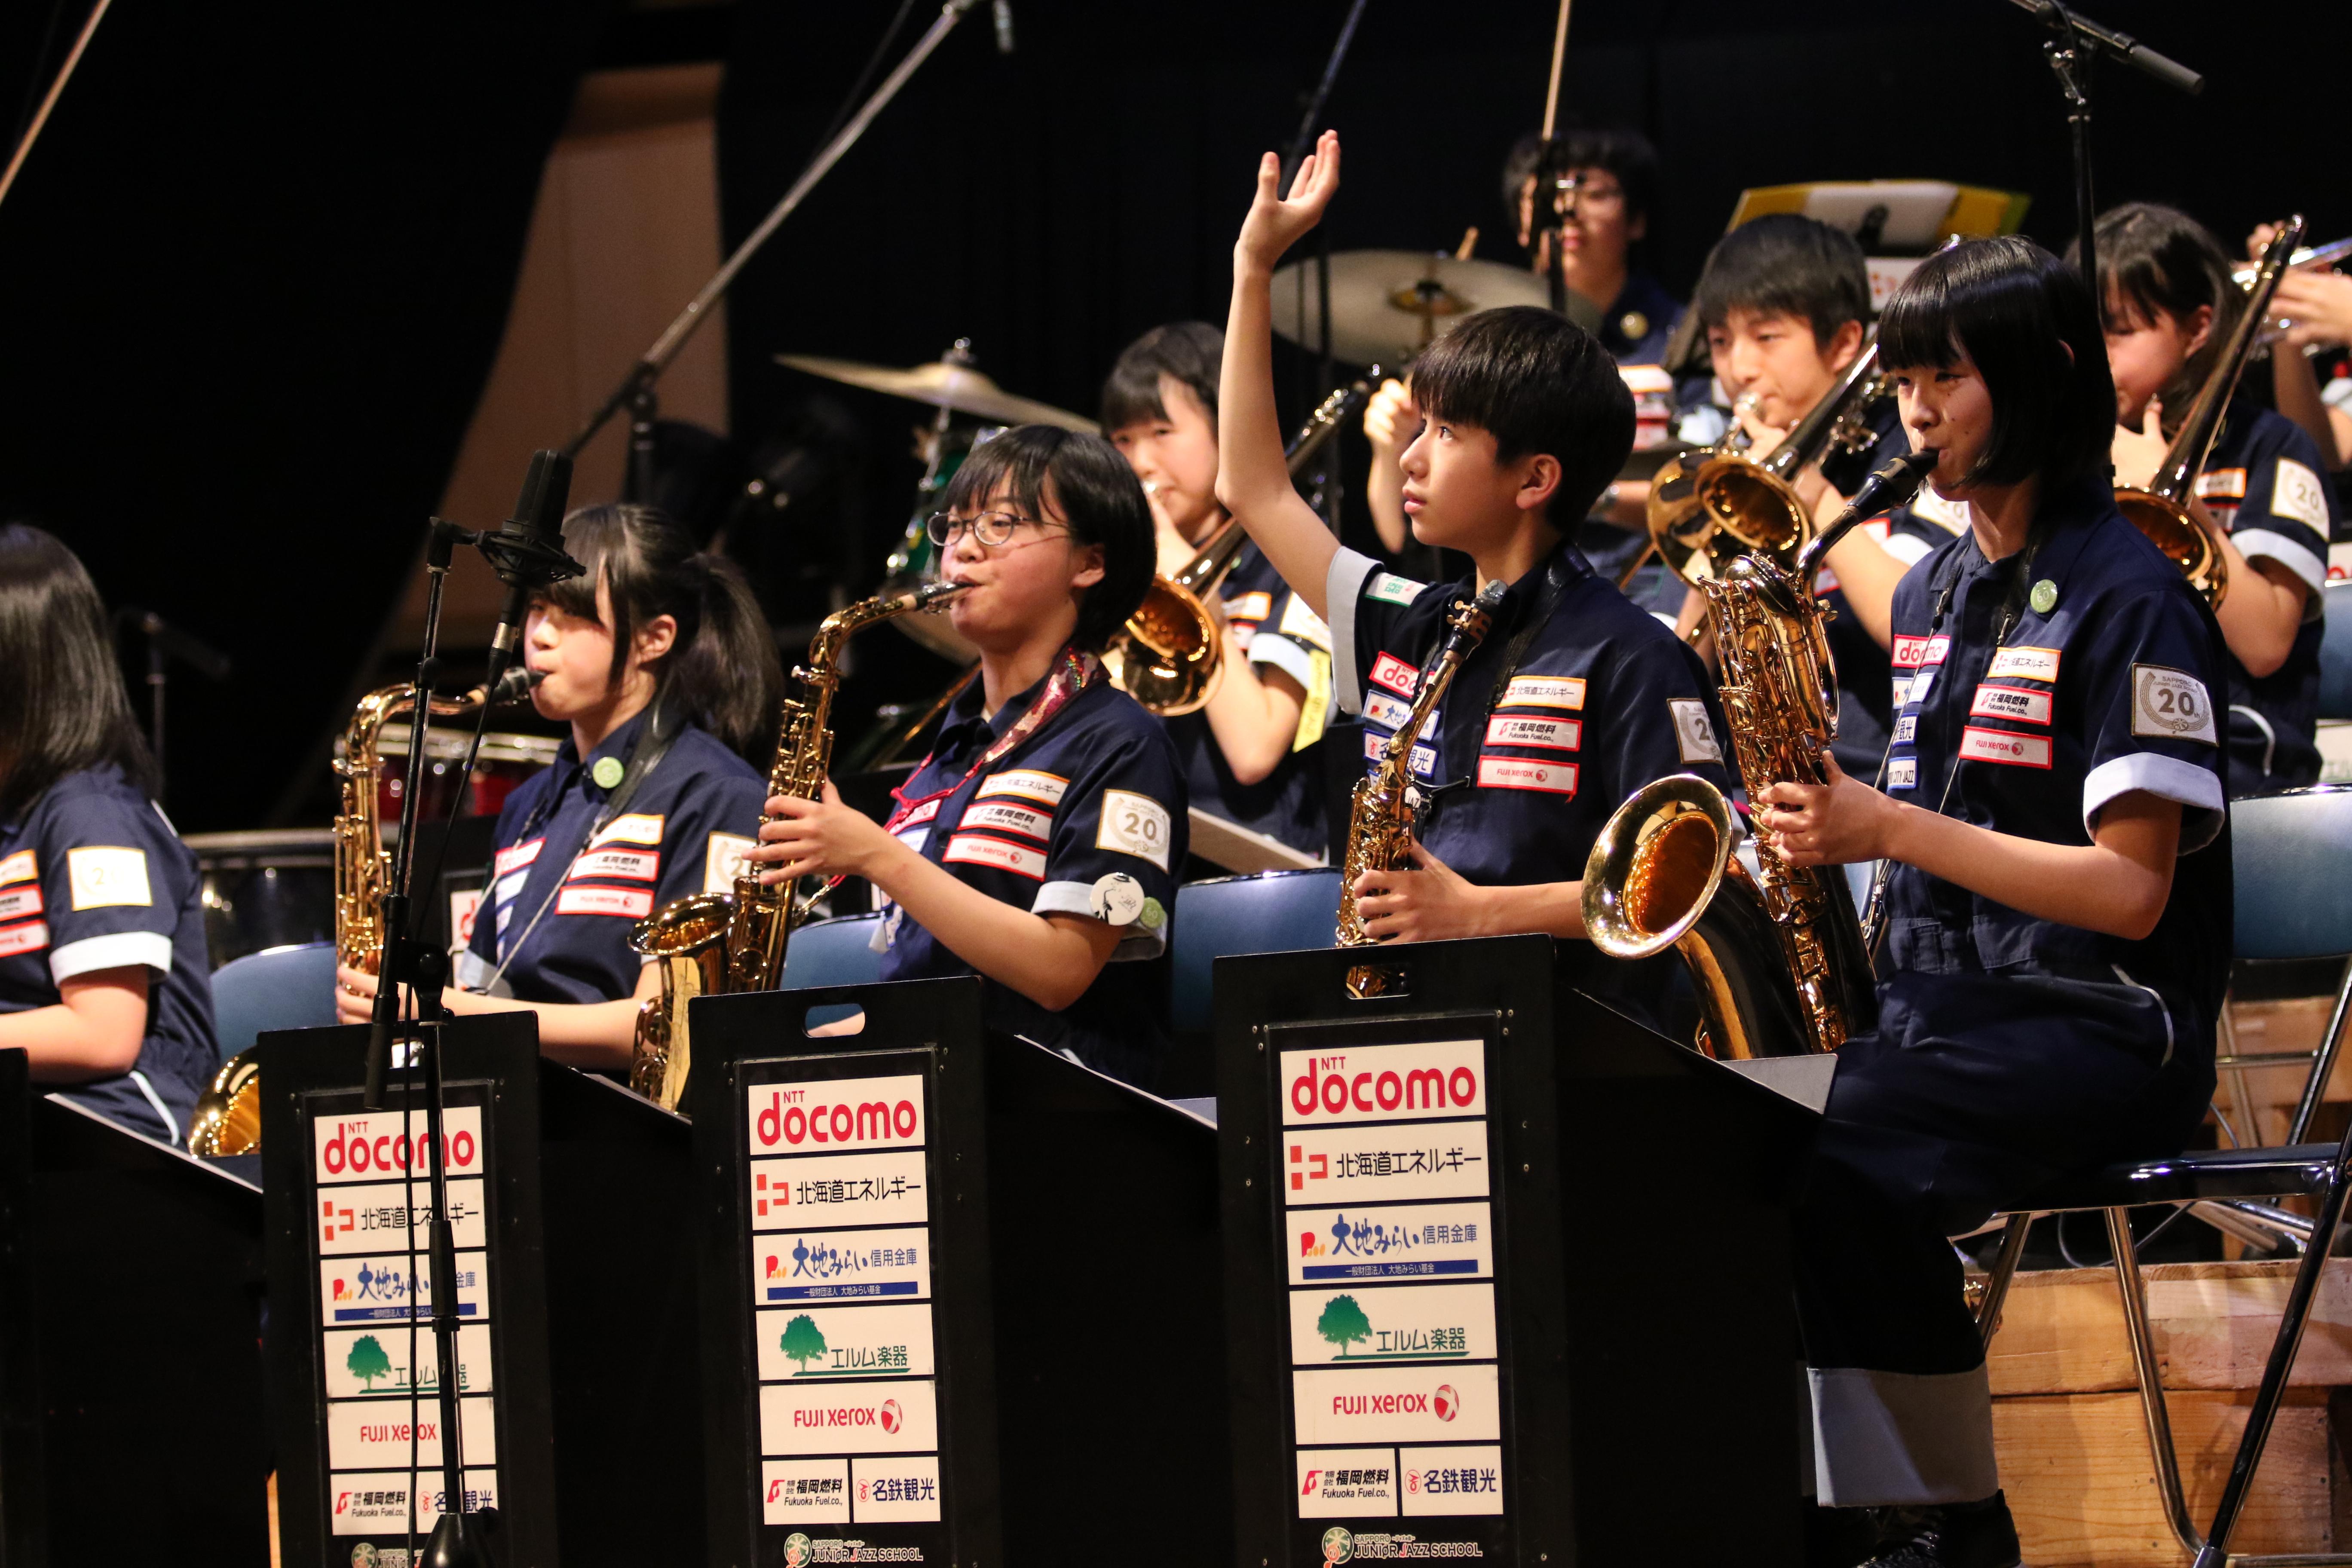 ユースジャムセッション出演者 札幌ジュニアジャズスクール Club SJF 中学生クラス